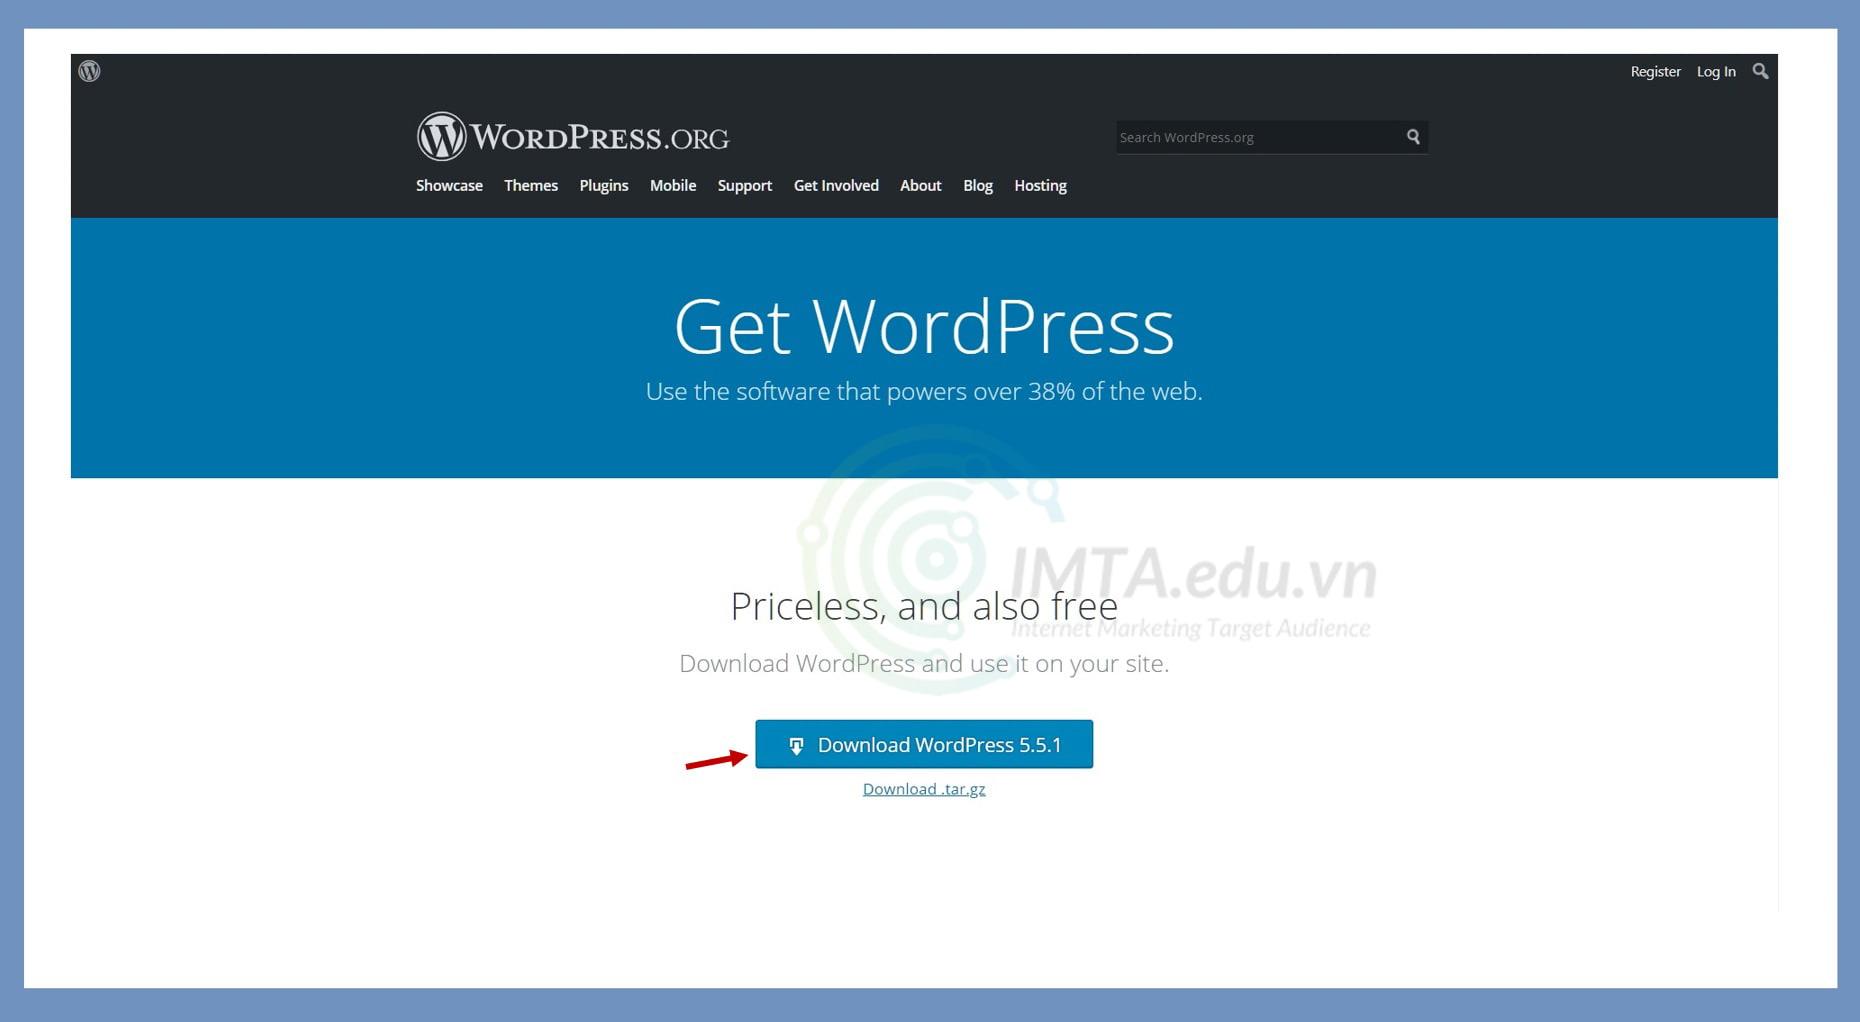 Tải về file cài đặt WordPress